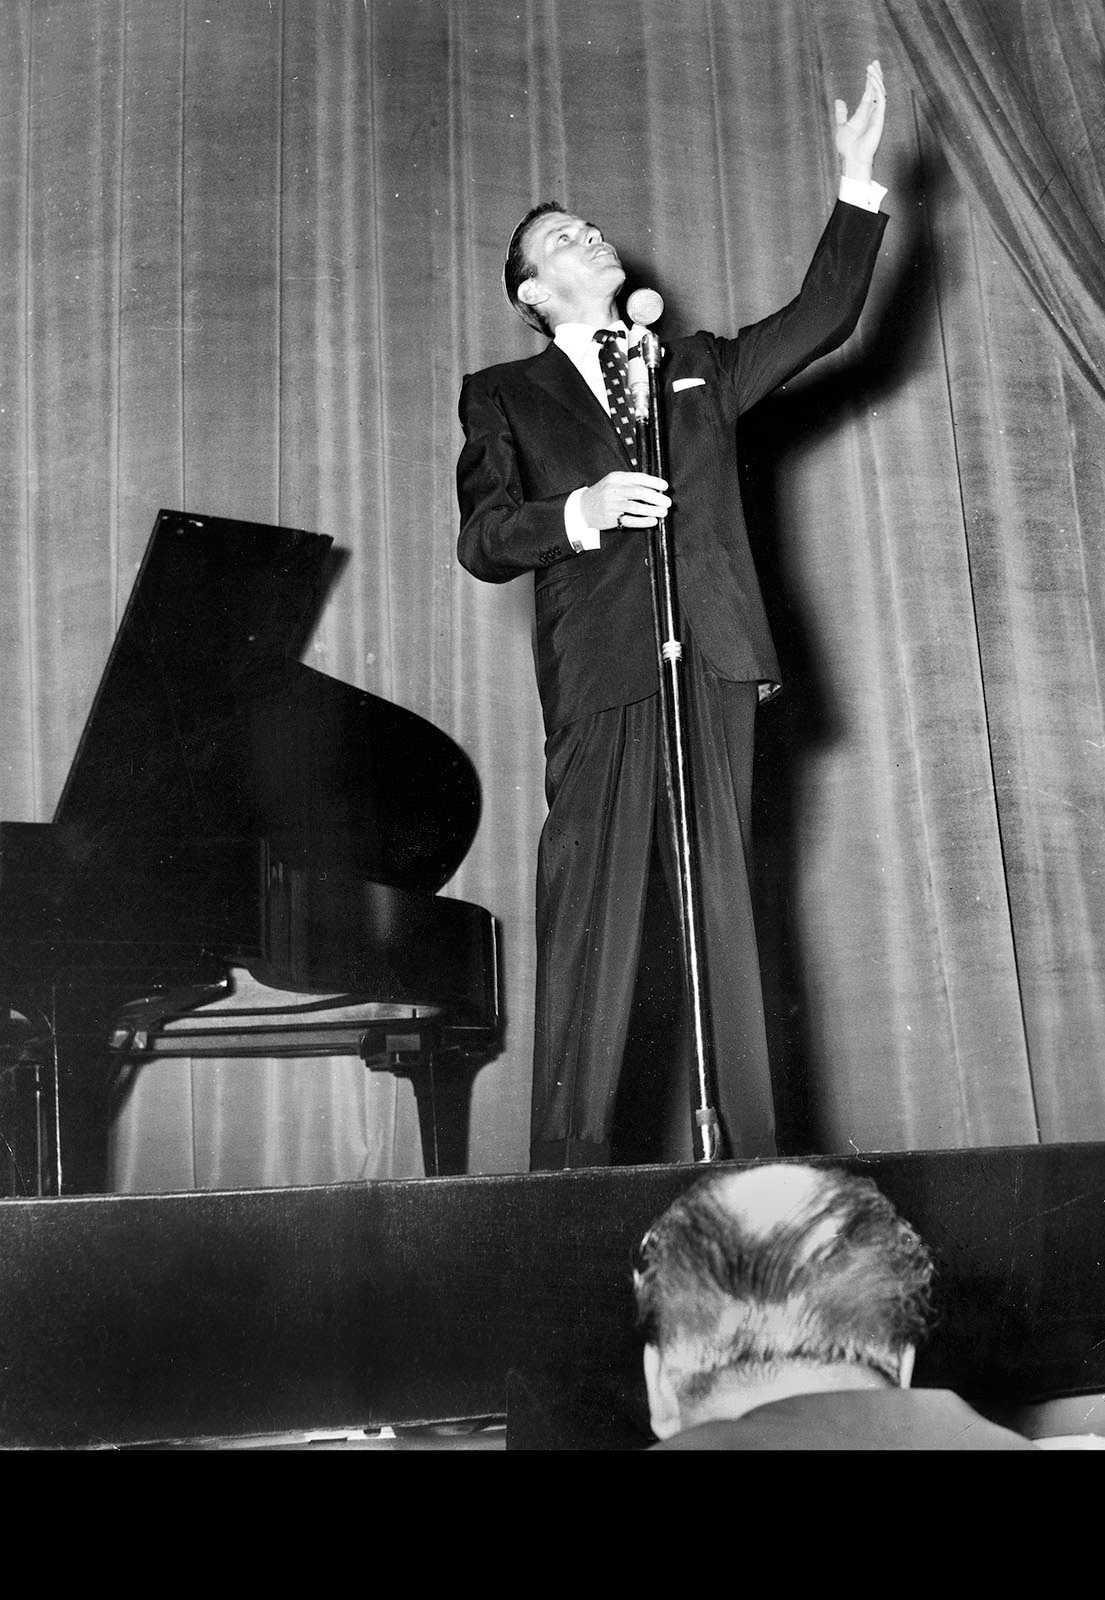 På China i Stockholm Frank Sinatras konsert på Chinasalong den 31 maj 1953 recenserades av Aftonbladets Teddy Nyblom. Han konstaterar att priset för biljetterna 15- 20 kronor var väl tilltaget och noterar de många luckorna på parkett.